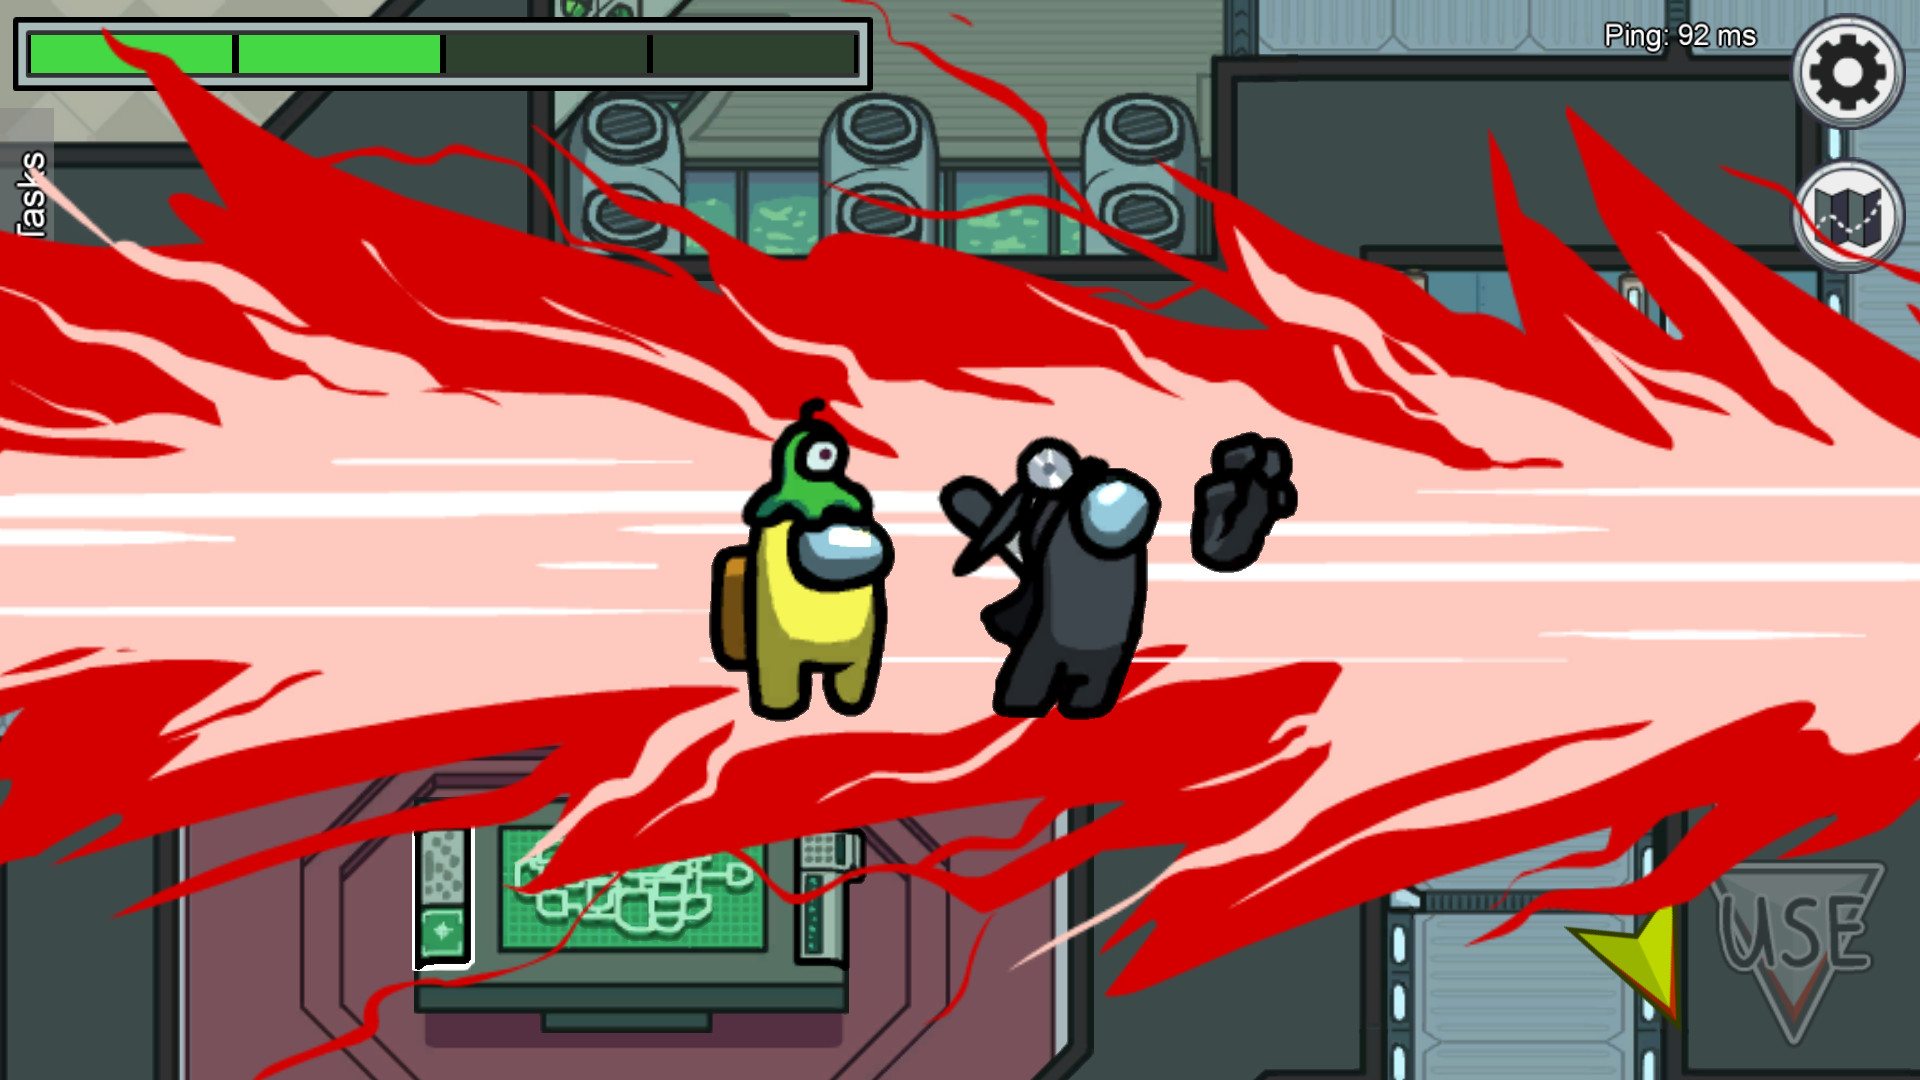 Screen z gry Among Us przedstawiający scenkę zabójstwa